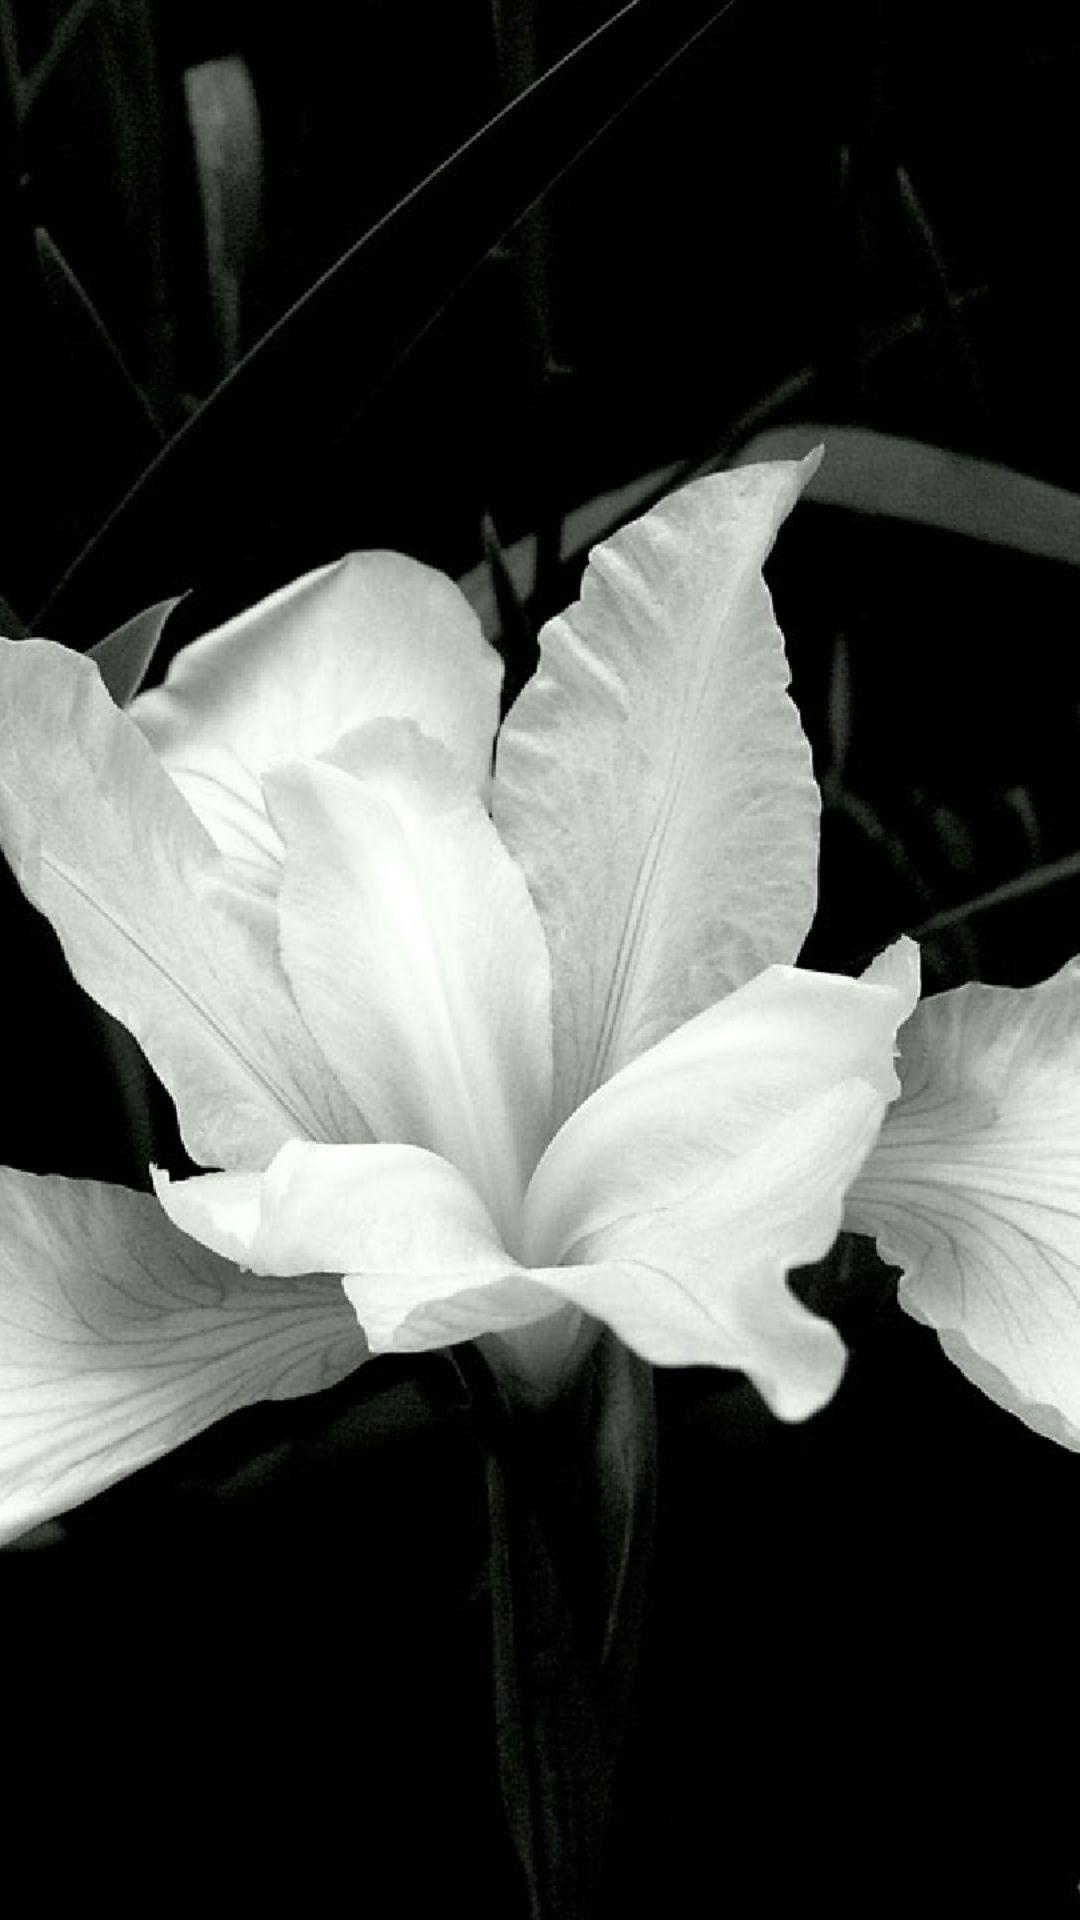 Black And White Flower s7 wallpaper